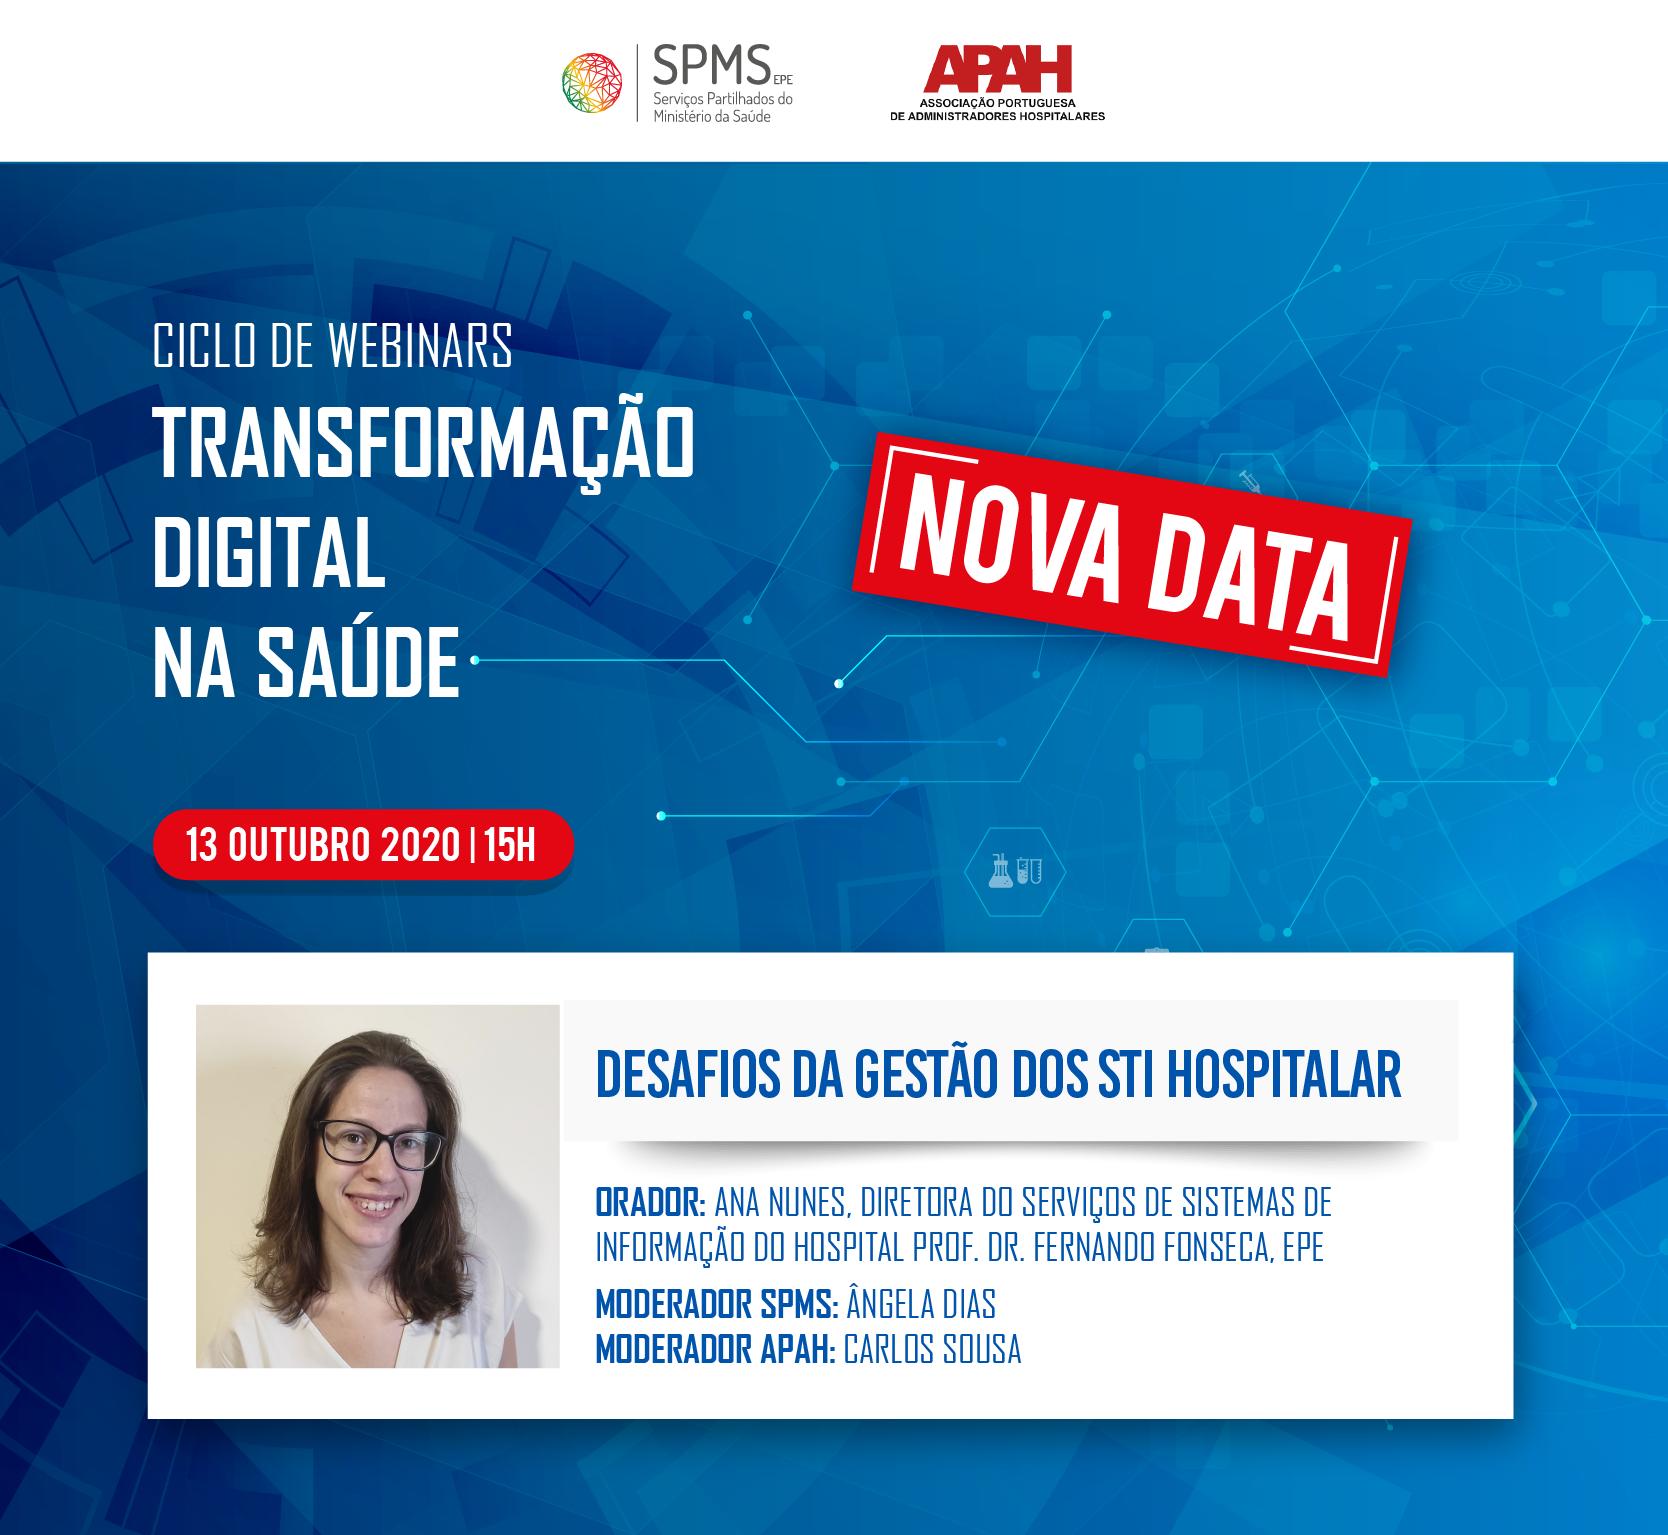 DESAFIOS DA GESTÃO DOS STI HOSPITALA_V1-05[23]